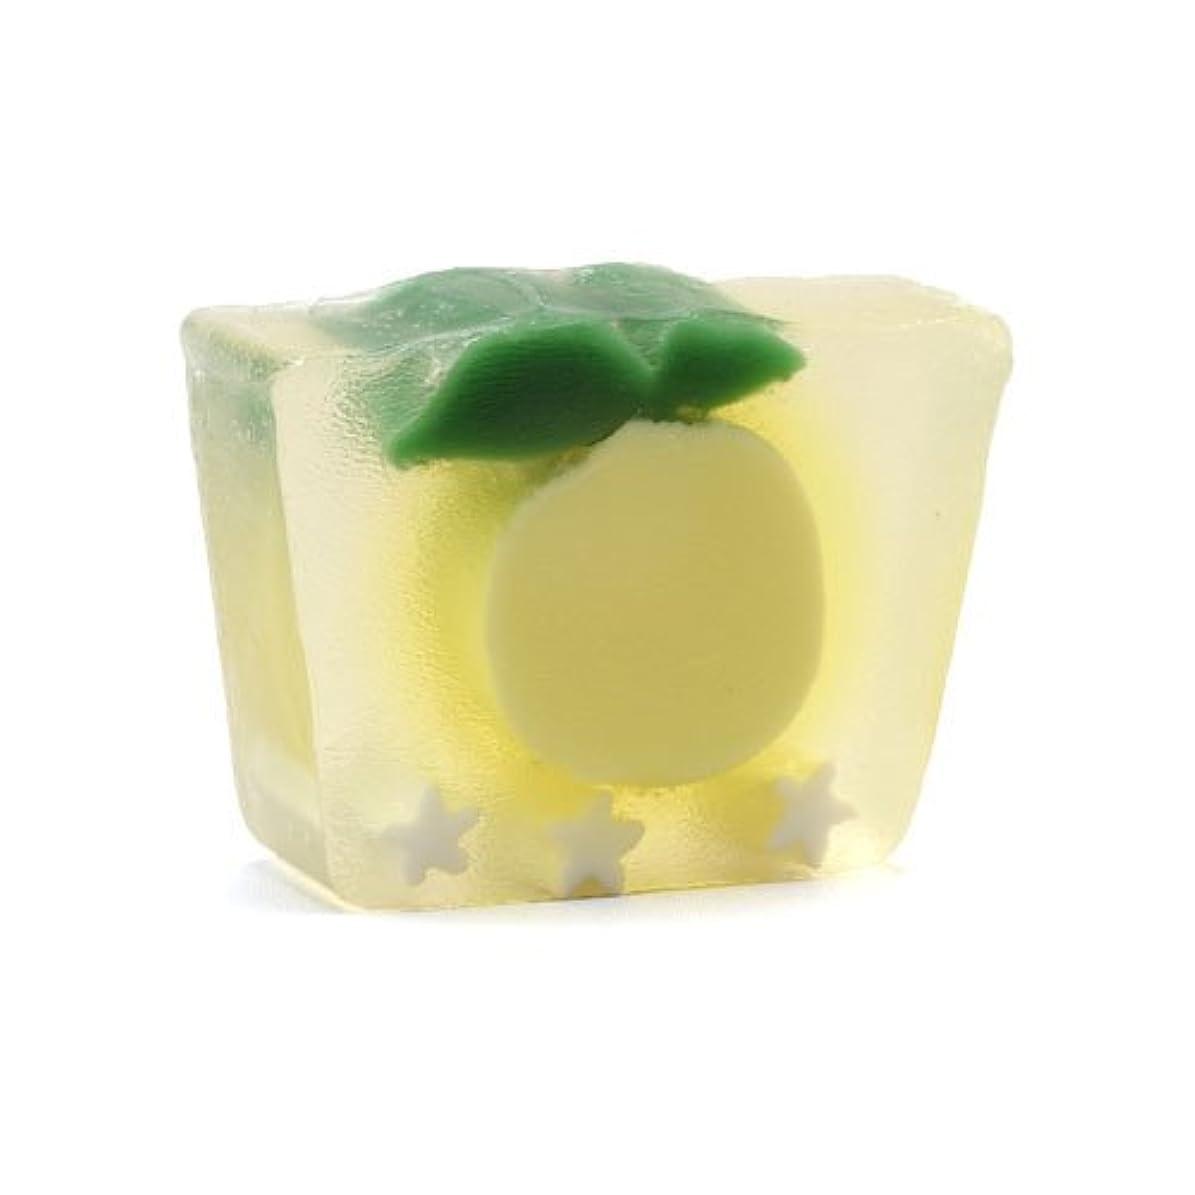 多様なニュースインタフェースプライモールエレメンツ アロマティック ミニソープ カリフォルニアレモン 80g 植物性 ナチュラル 石鹸 無添加